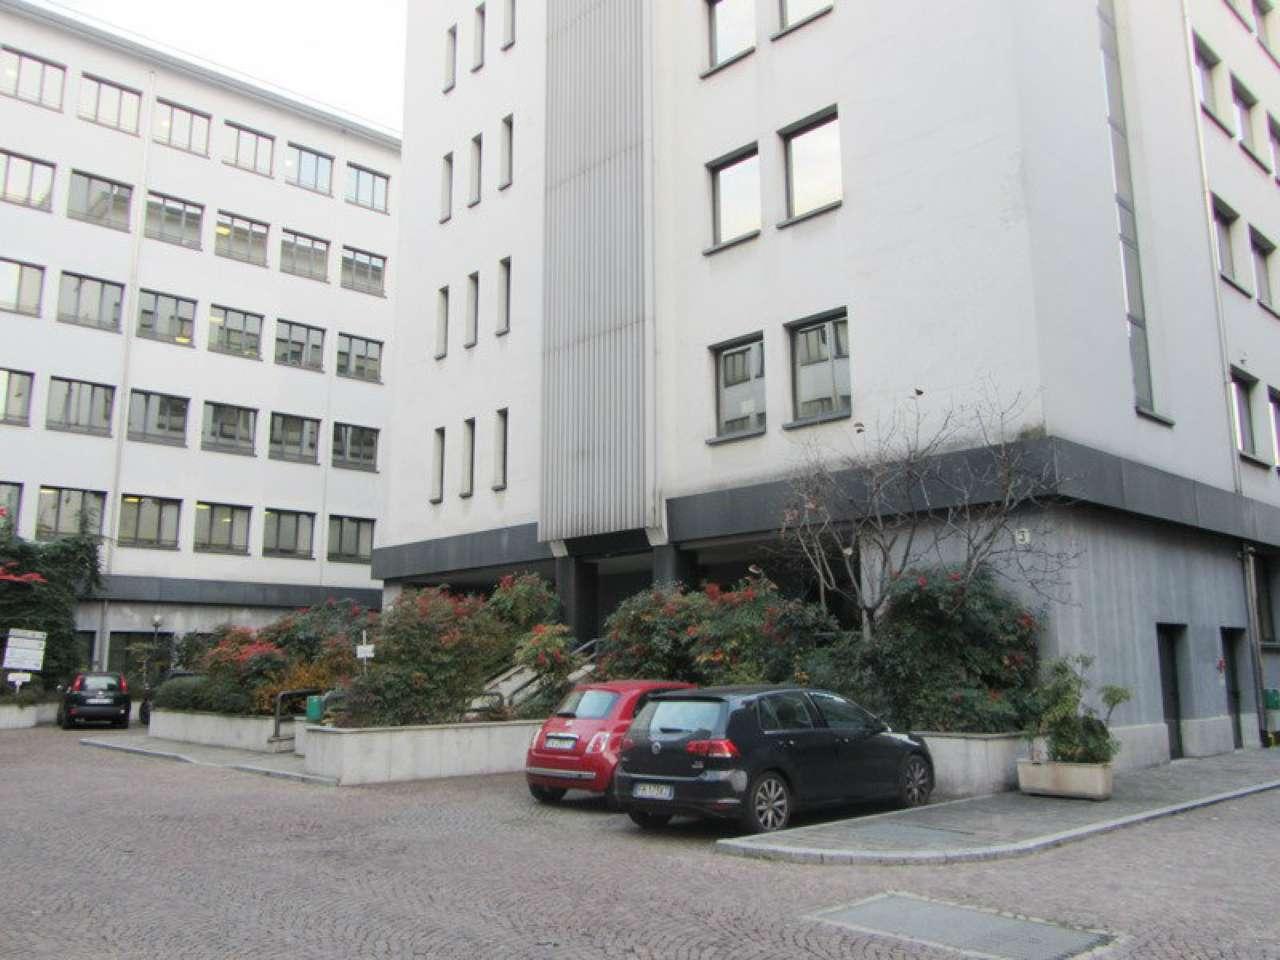 Ufficio in affitto Zona Affori, Bovisa, Niguarda, Testi, Br... - via Durando 38 Milano